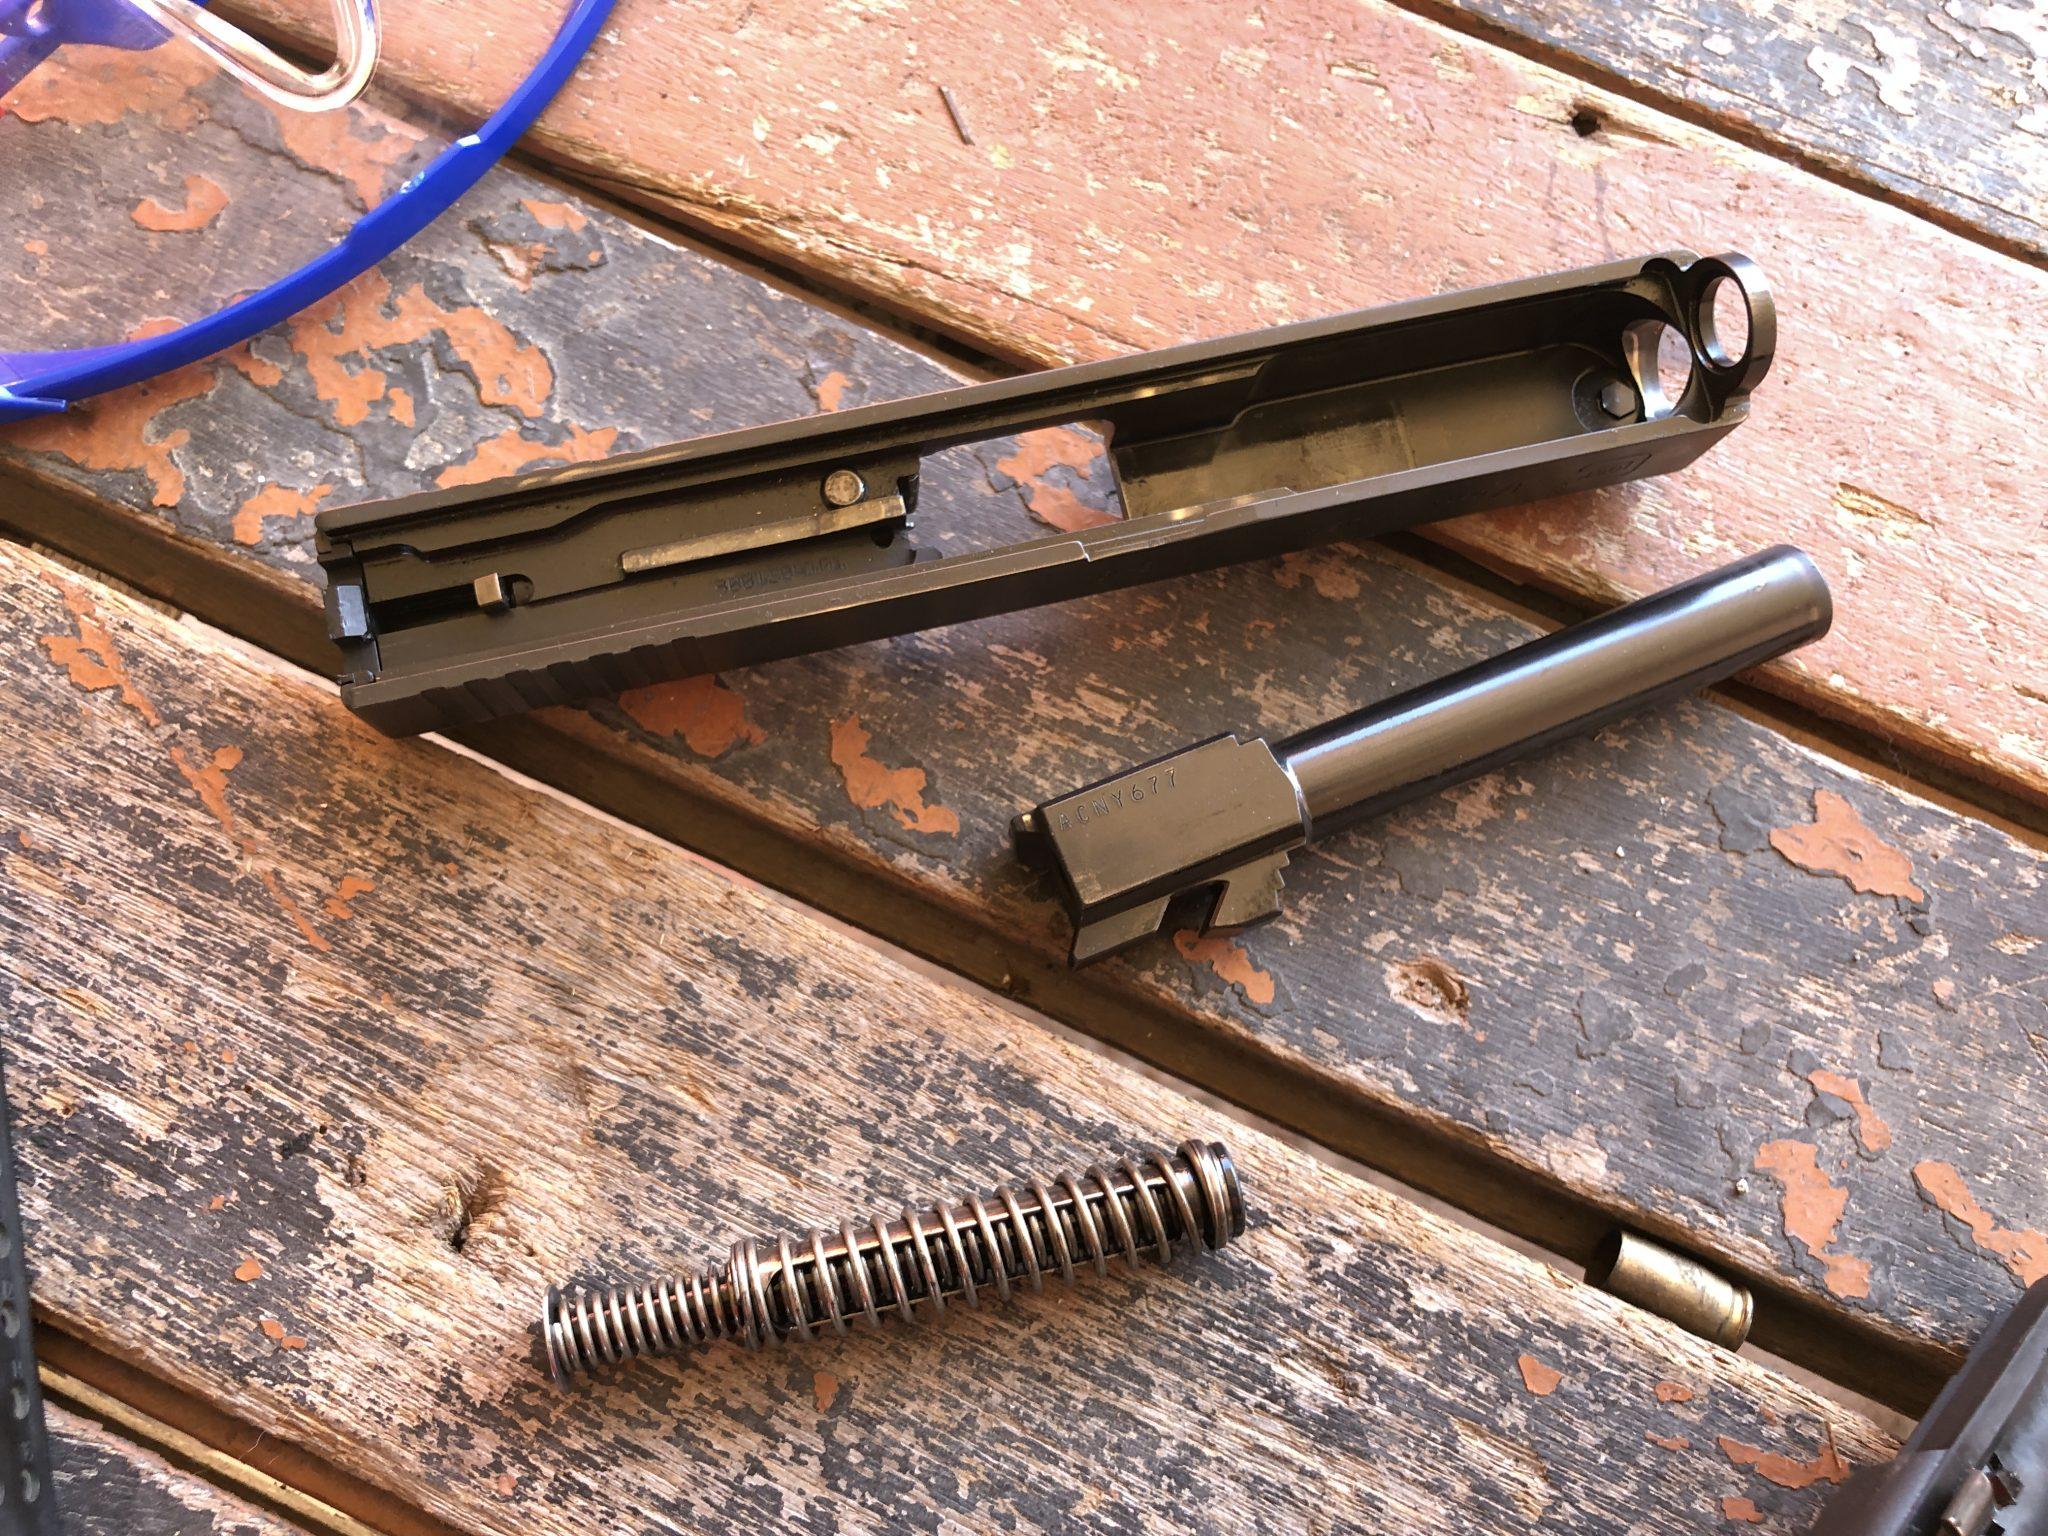 A728FEF3 E355 4E5C 9724 165B07DD8BE6 - フィリピンで実弾射撃part2